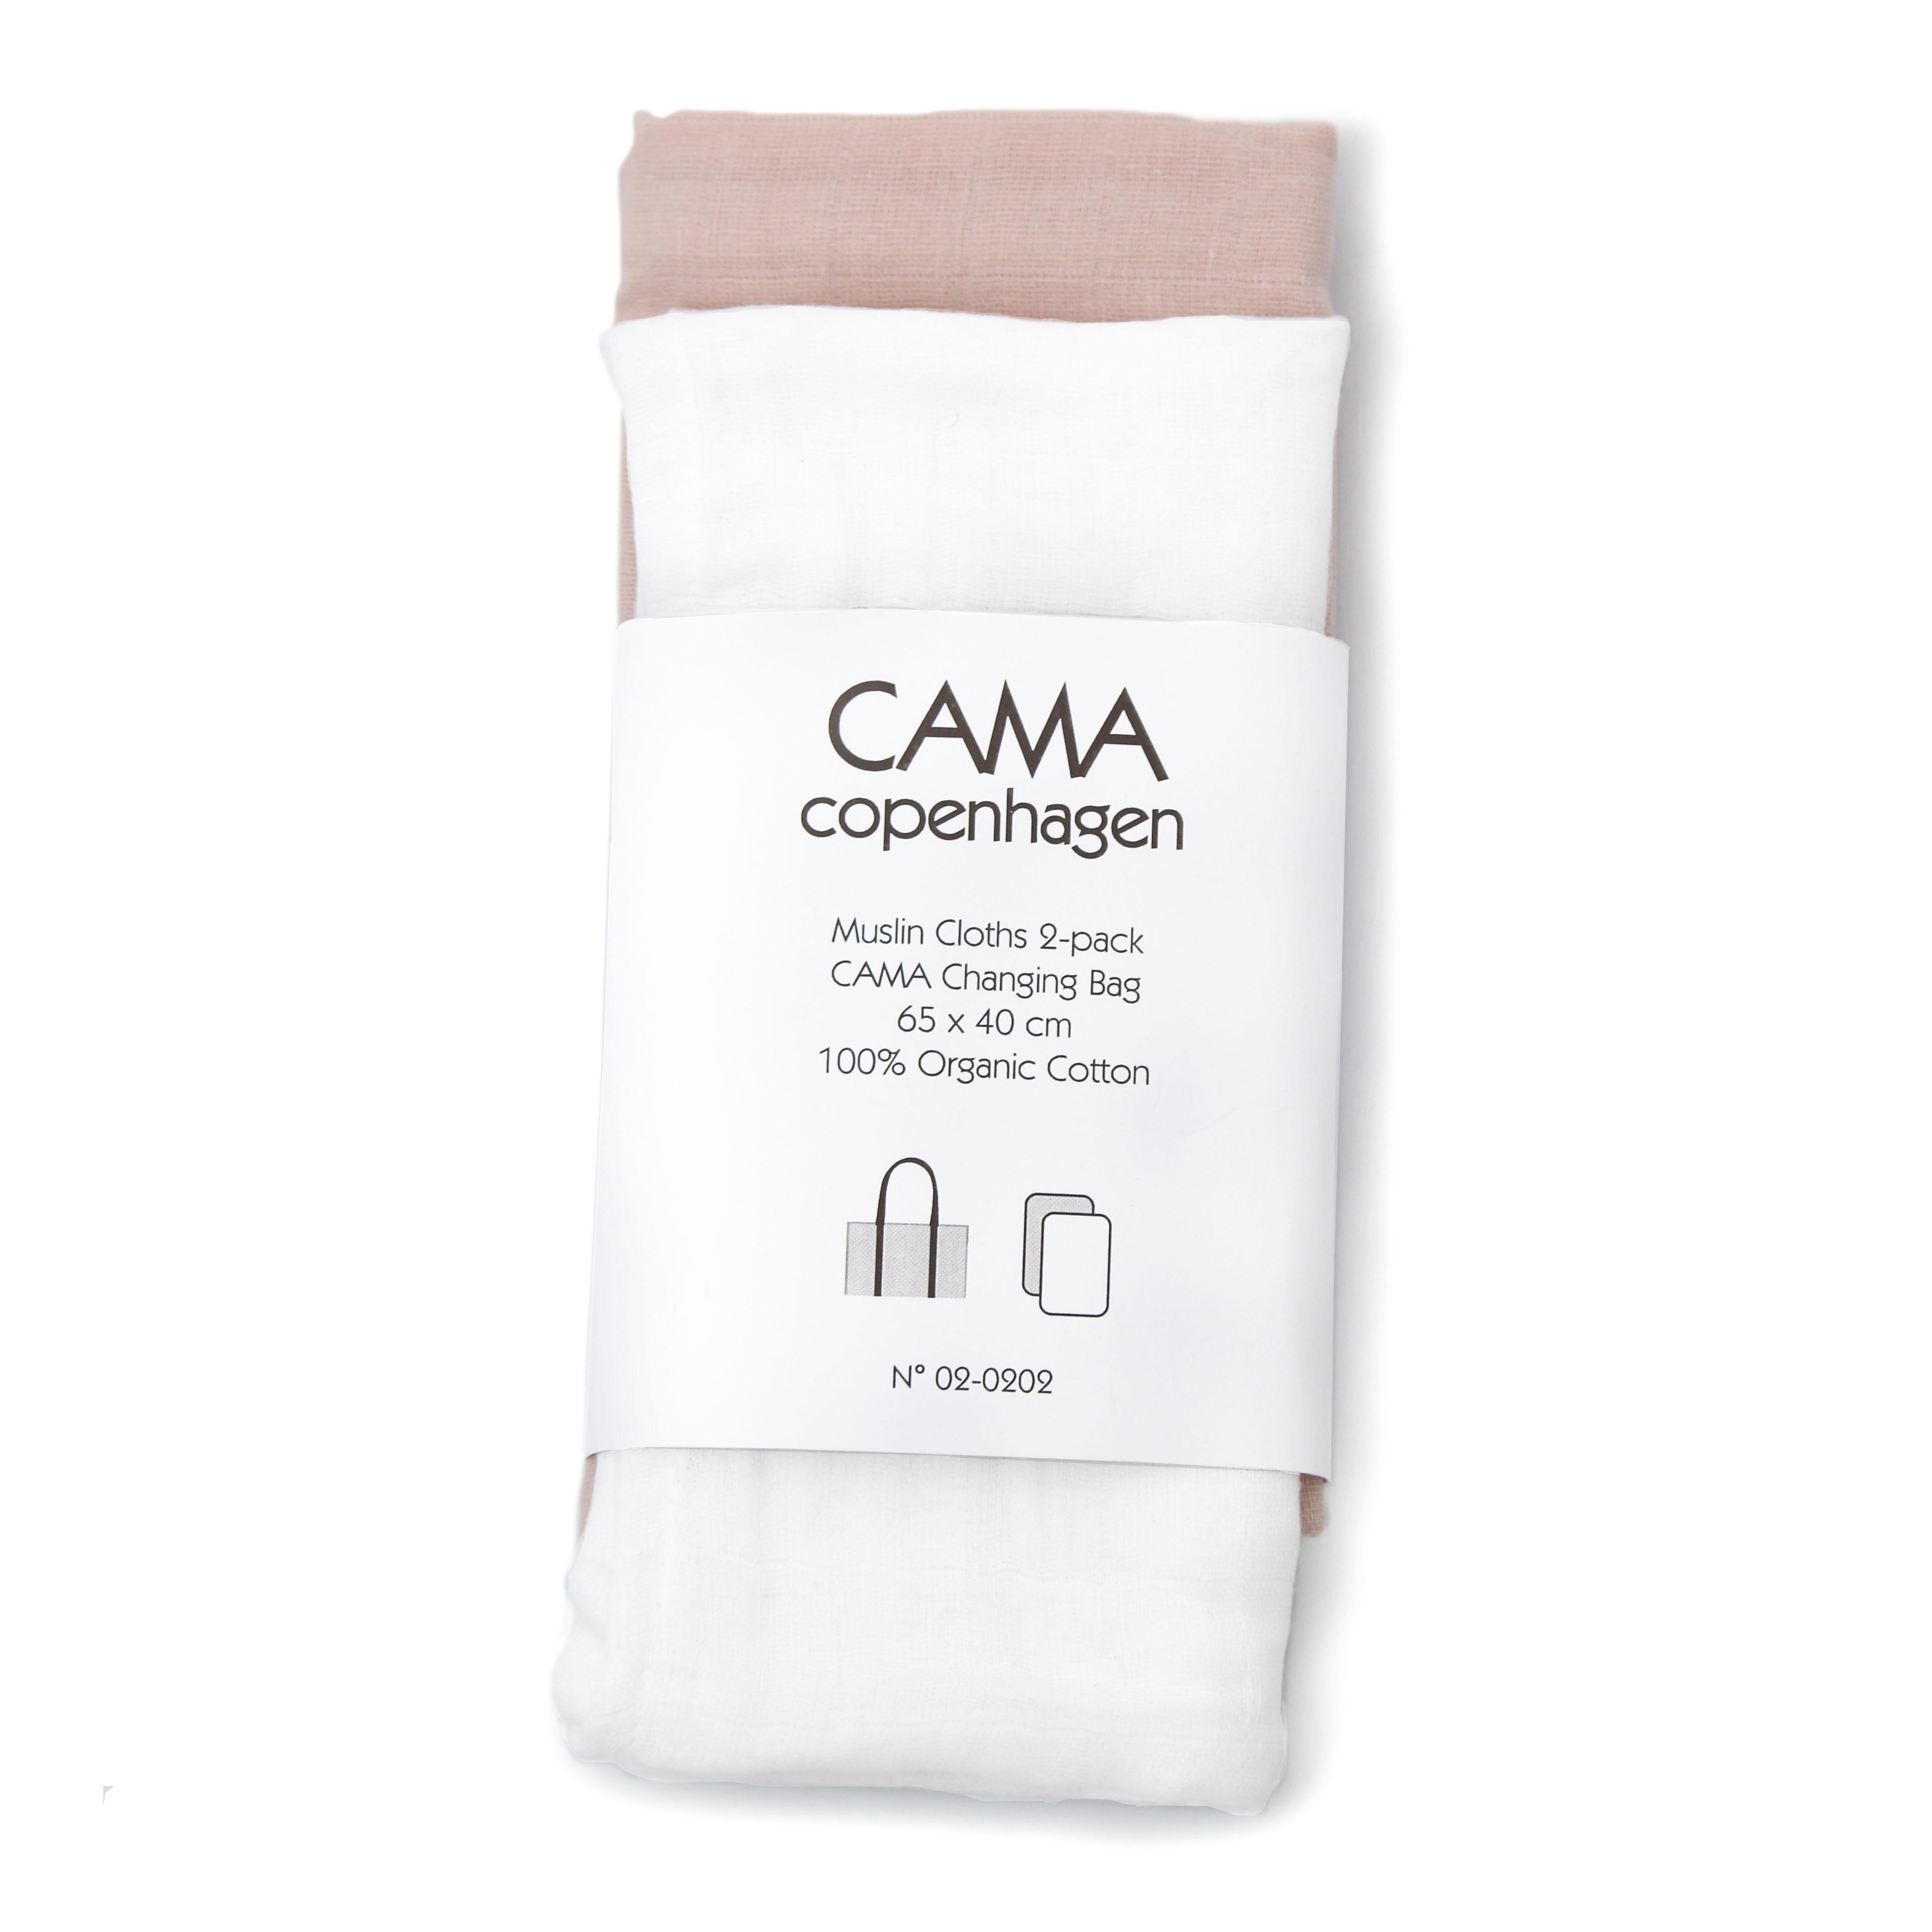 CAMA Copenhagen Skötunderlägg 2-pack - Vit/Ljusrosa